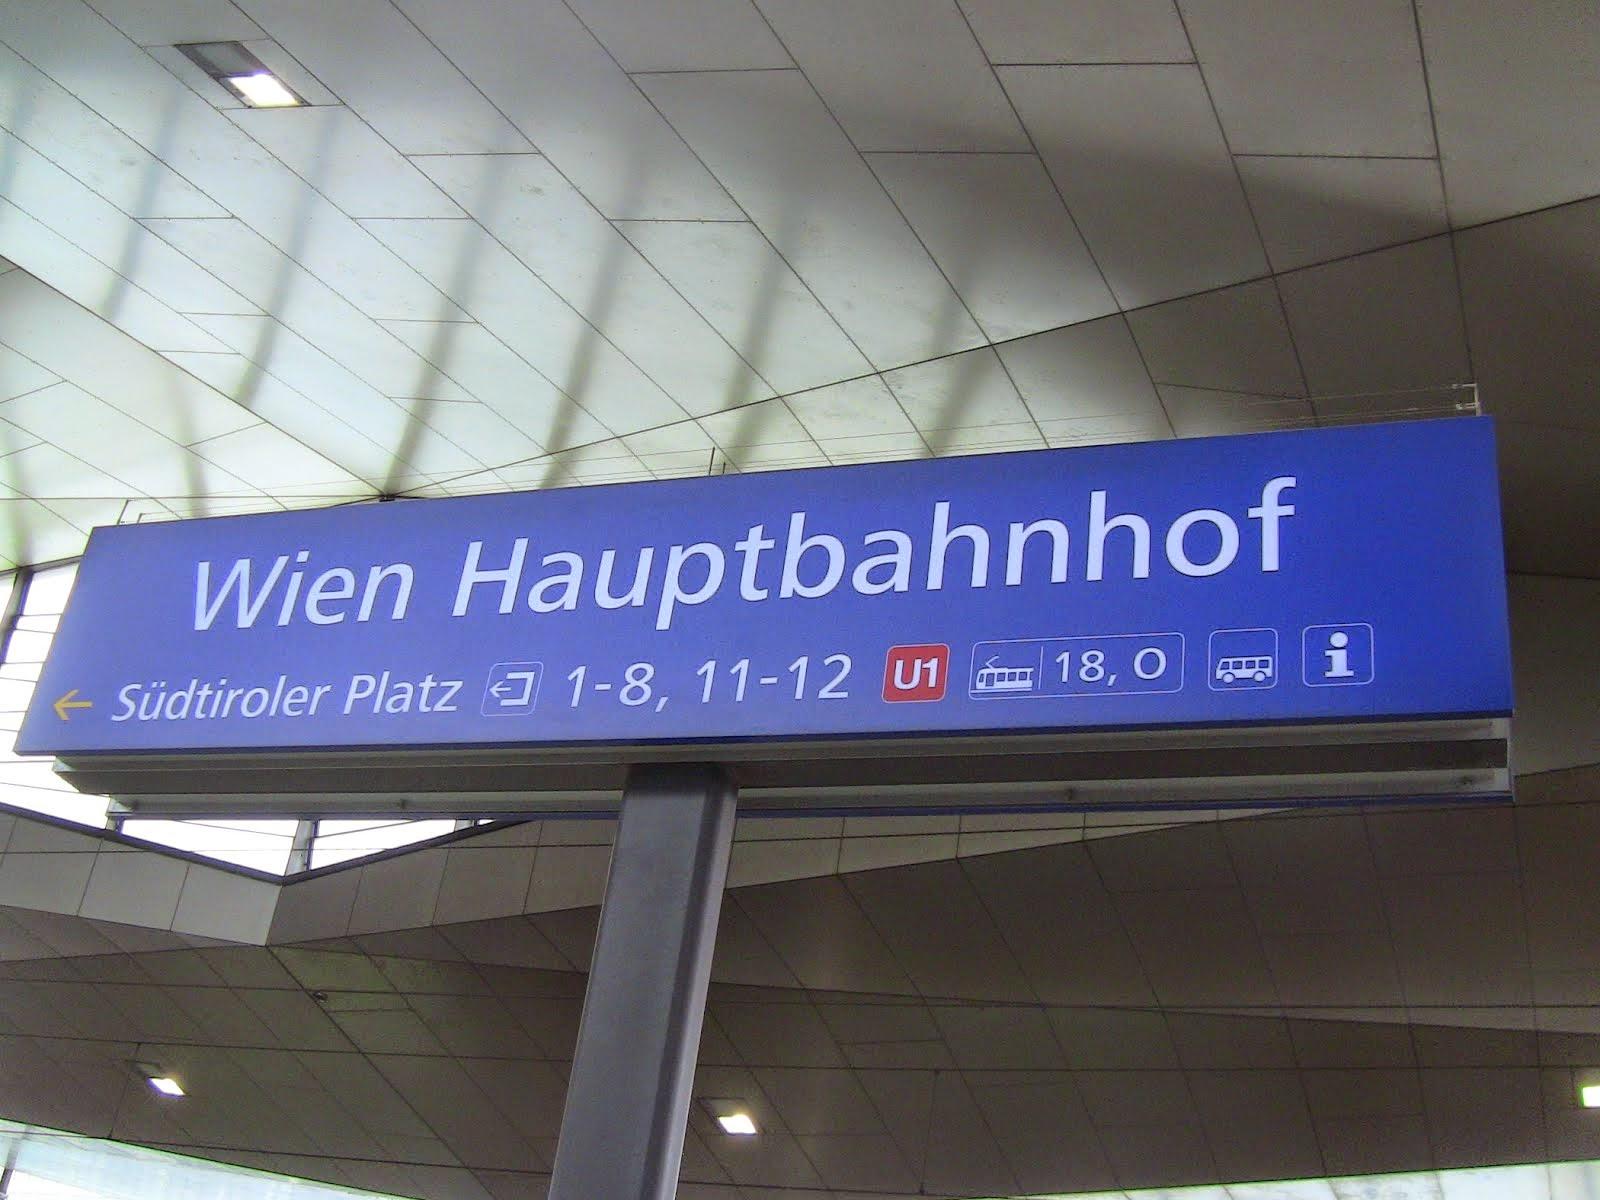 Wilkommen Ostereich!